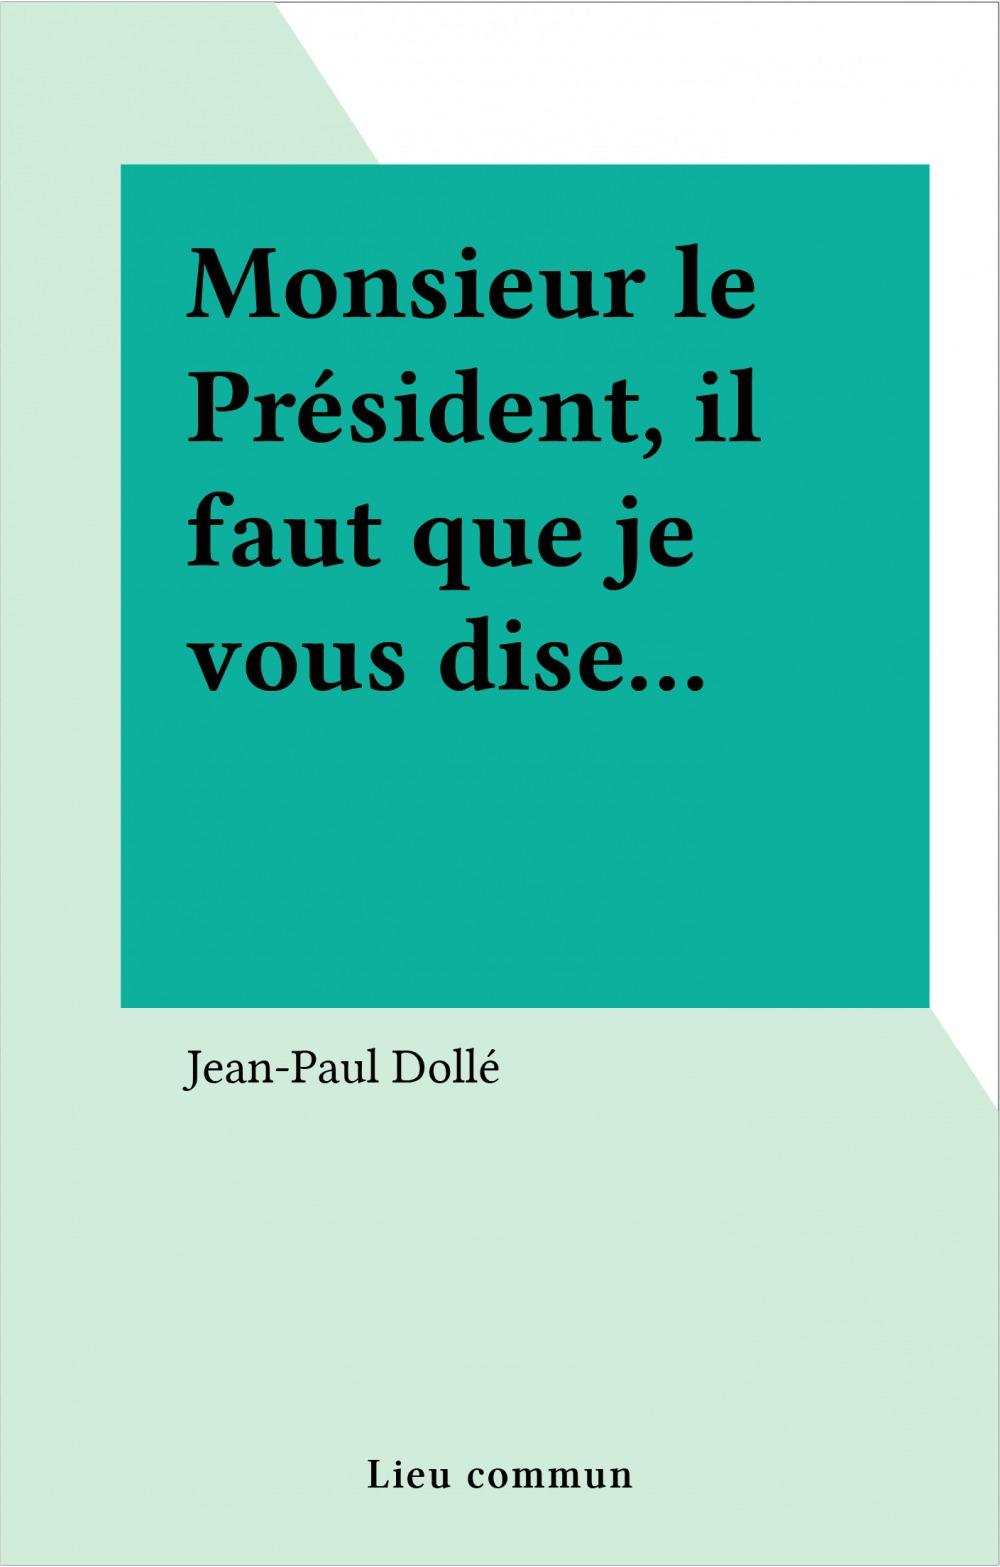 Monsieur le Président, il faut que je vous dise...